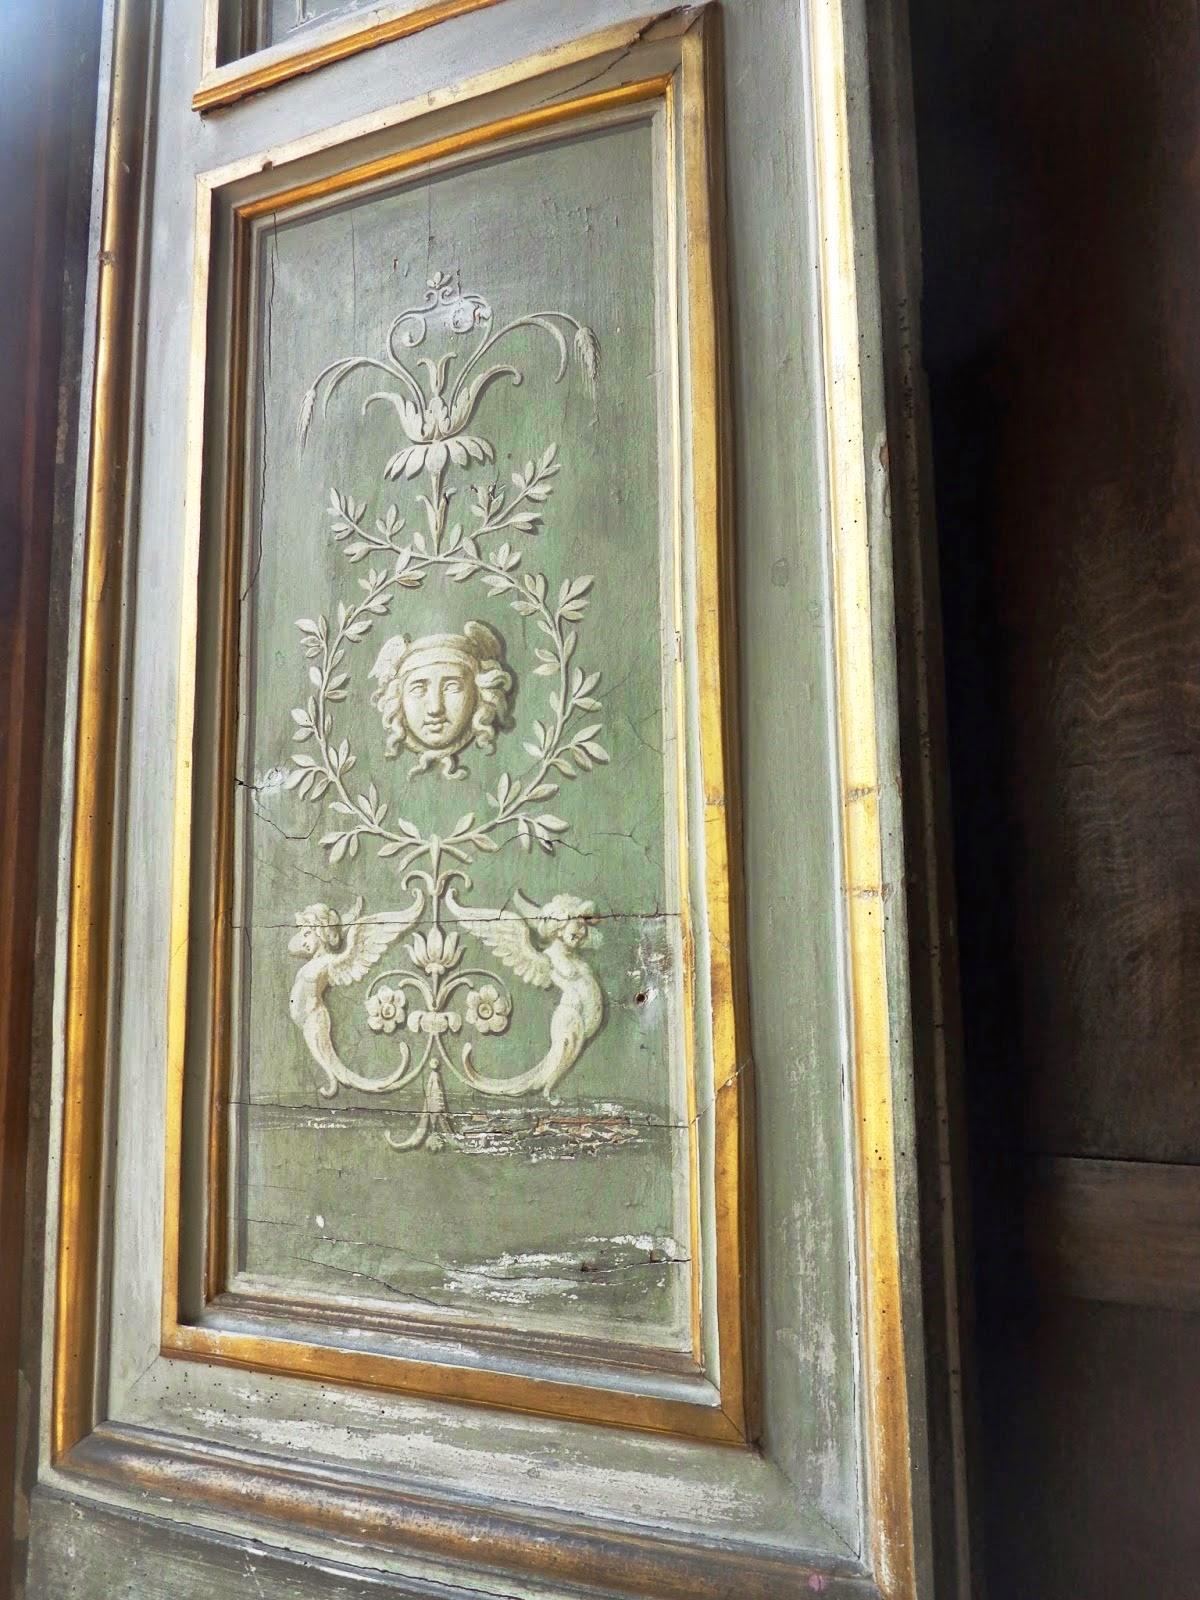 Detalhe das janelas, também com pinturas que invocam o alto-relevo